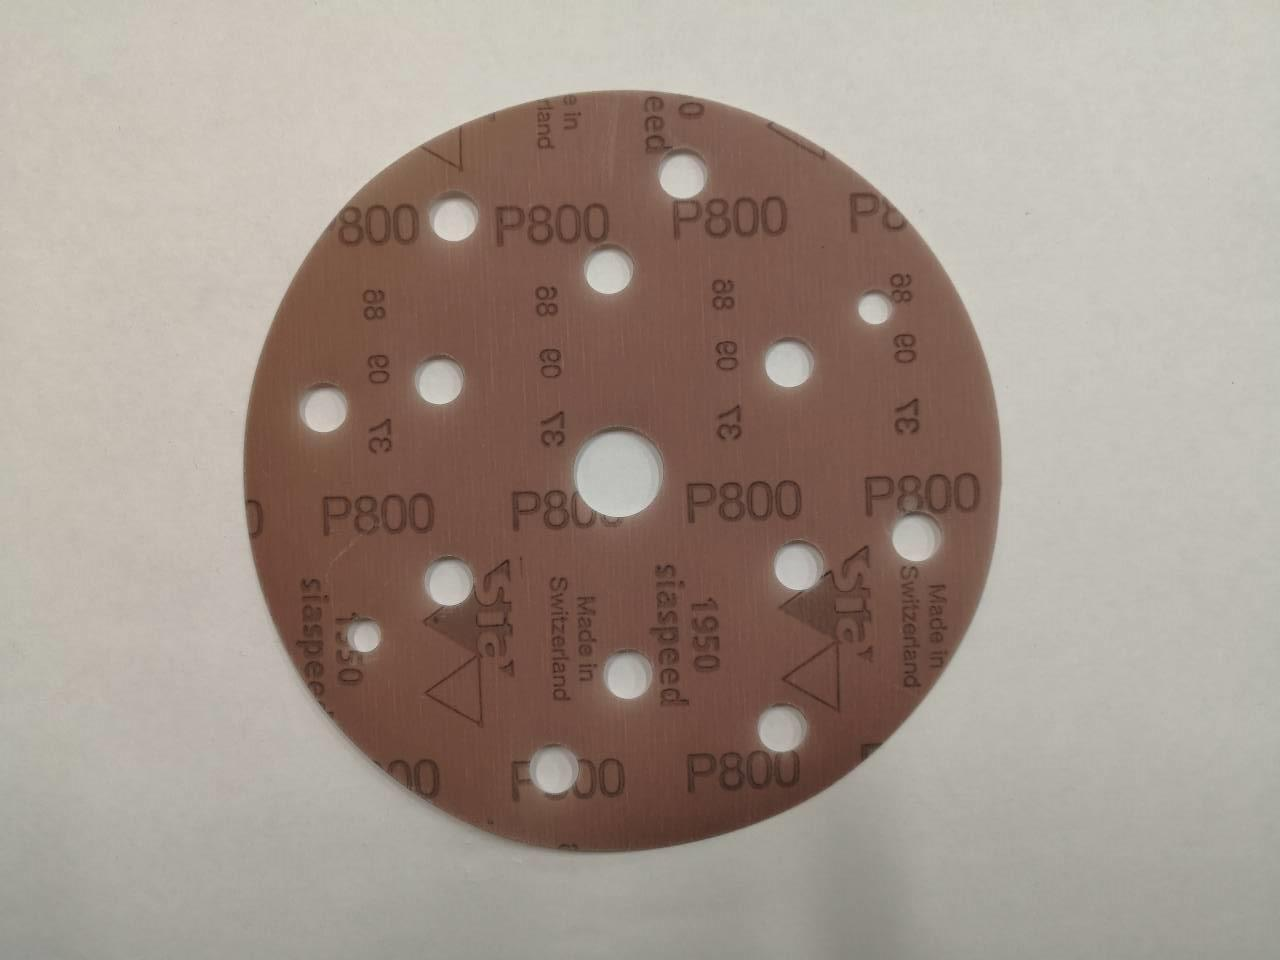 Абразивный круг - SIA 1950 8+6+1 отверстие P800 150 мм. (Рі 0800)